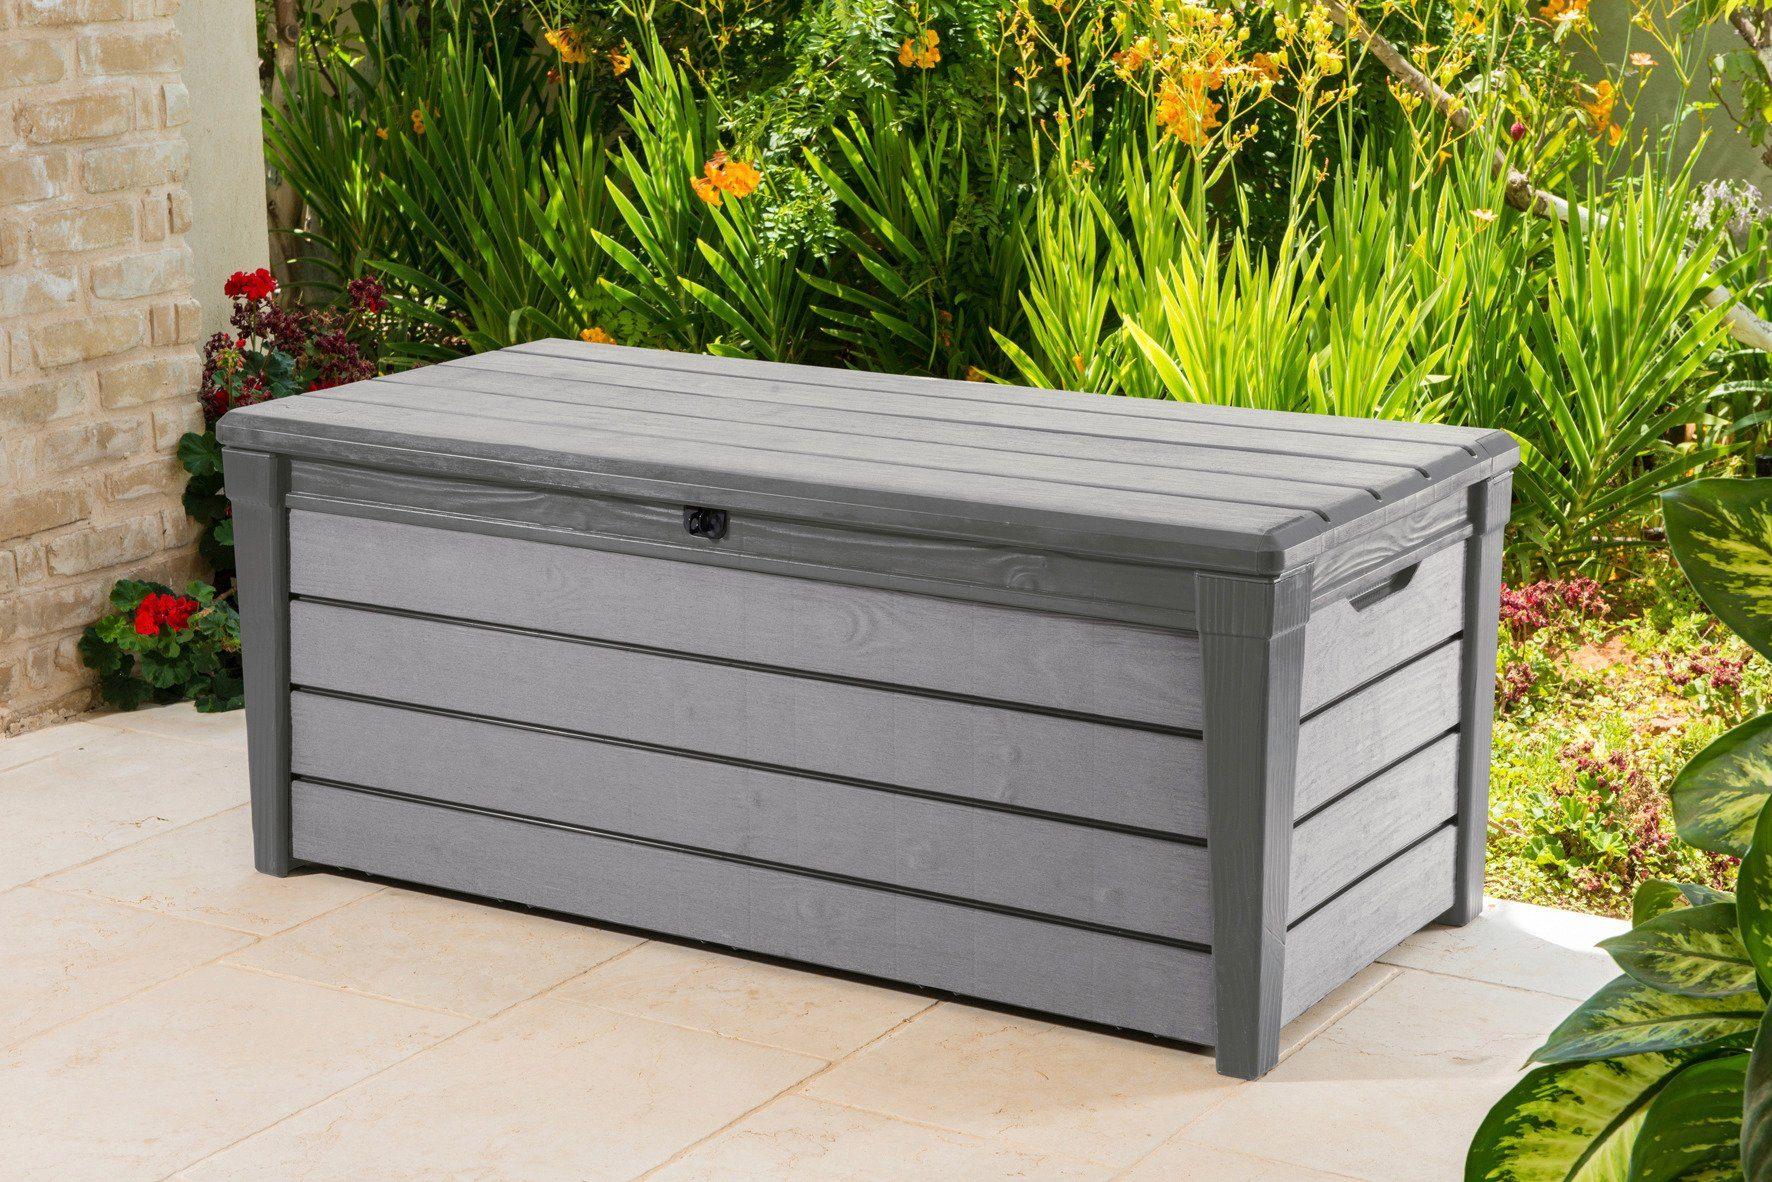 Auflagenbox »Brushwood«, 145x60x70 cm, Kunststoff, taupe